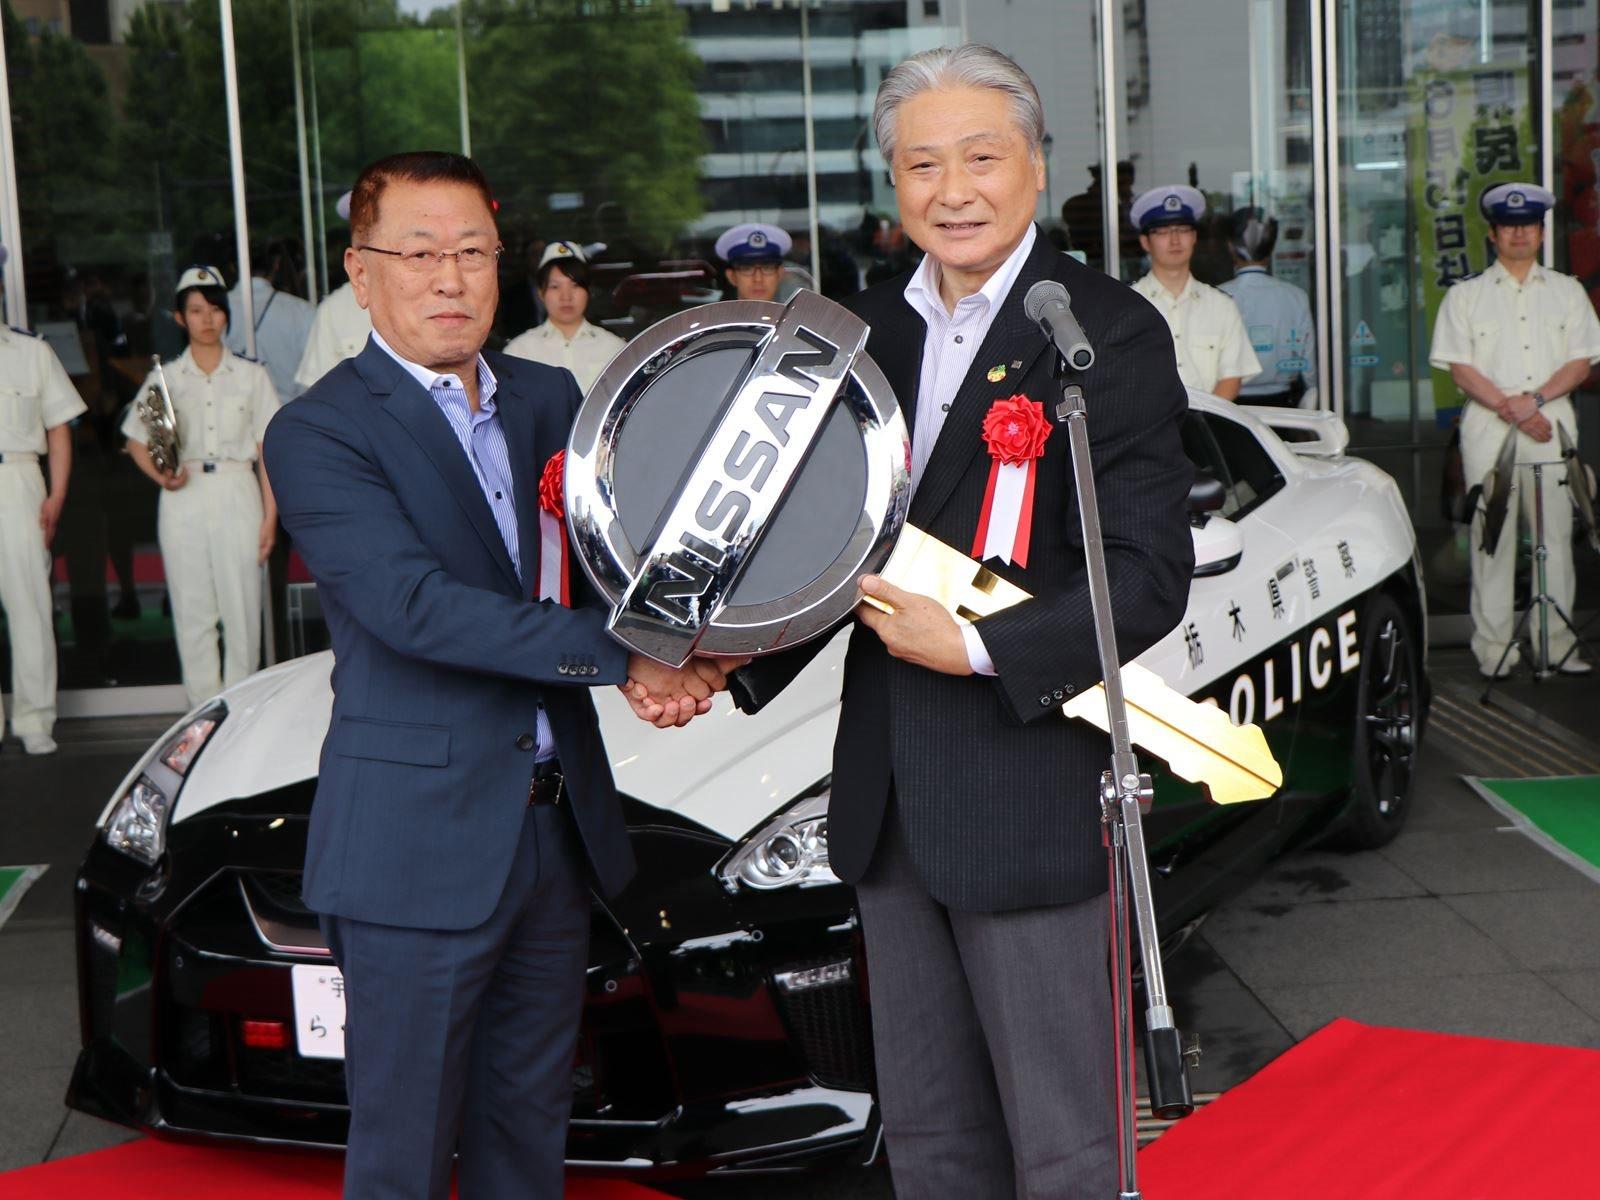 И тогда этот Nissan GT-R может вас поймать и, скорее всего, вы не будете управлять чем-то, что сможет его обогнать. Не многие автомобили могут. Nissan только что объявил, что житель префектуры Тотиги пожертвовал этот 565- сильный GT-R в местный отдел